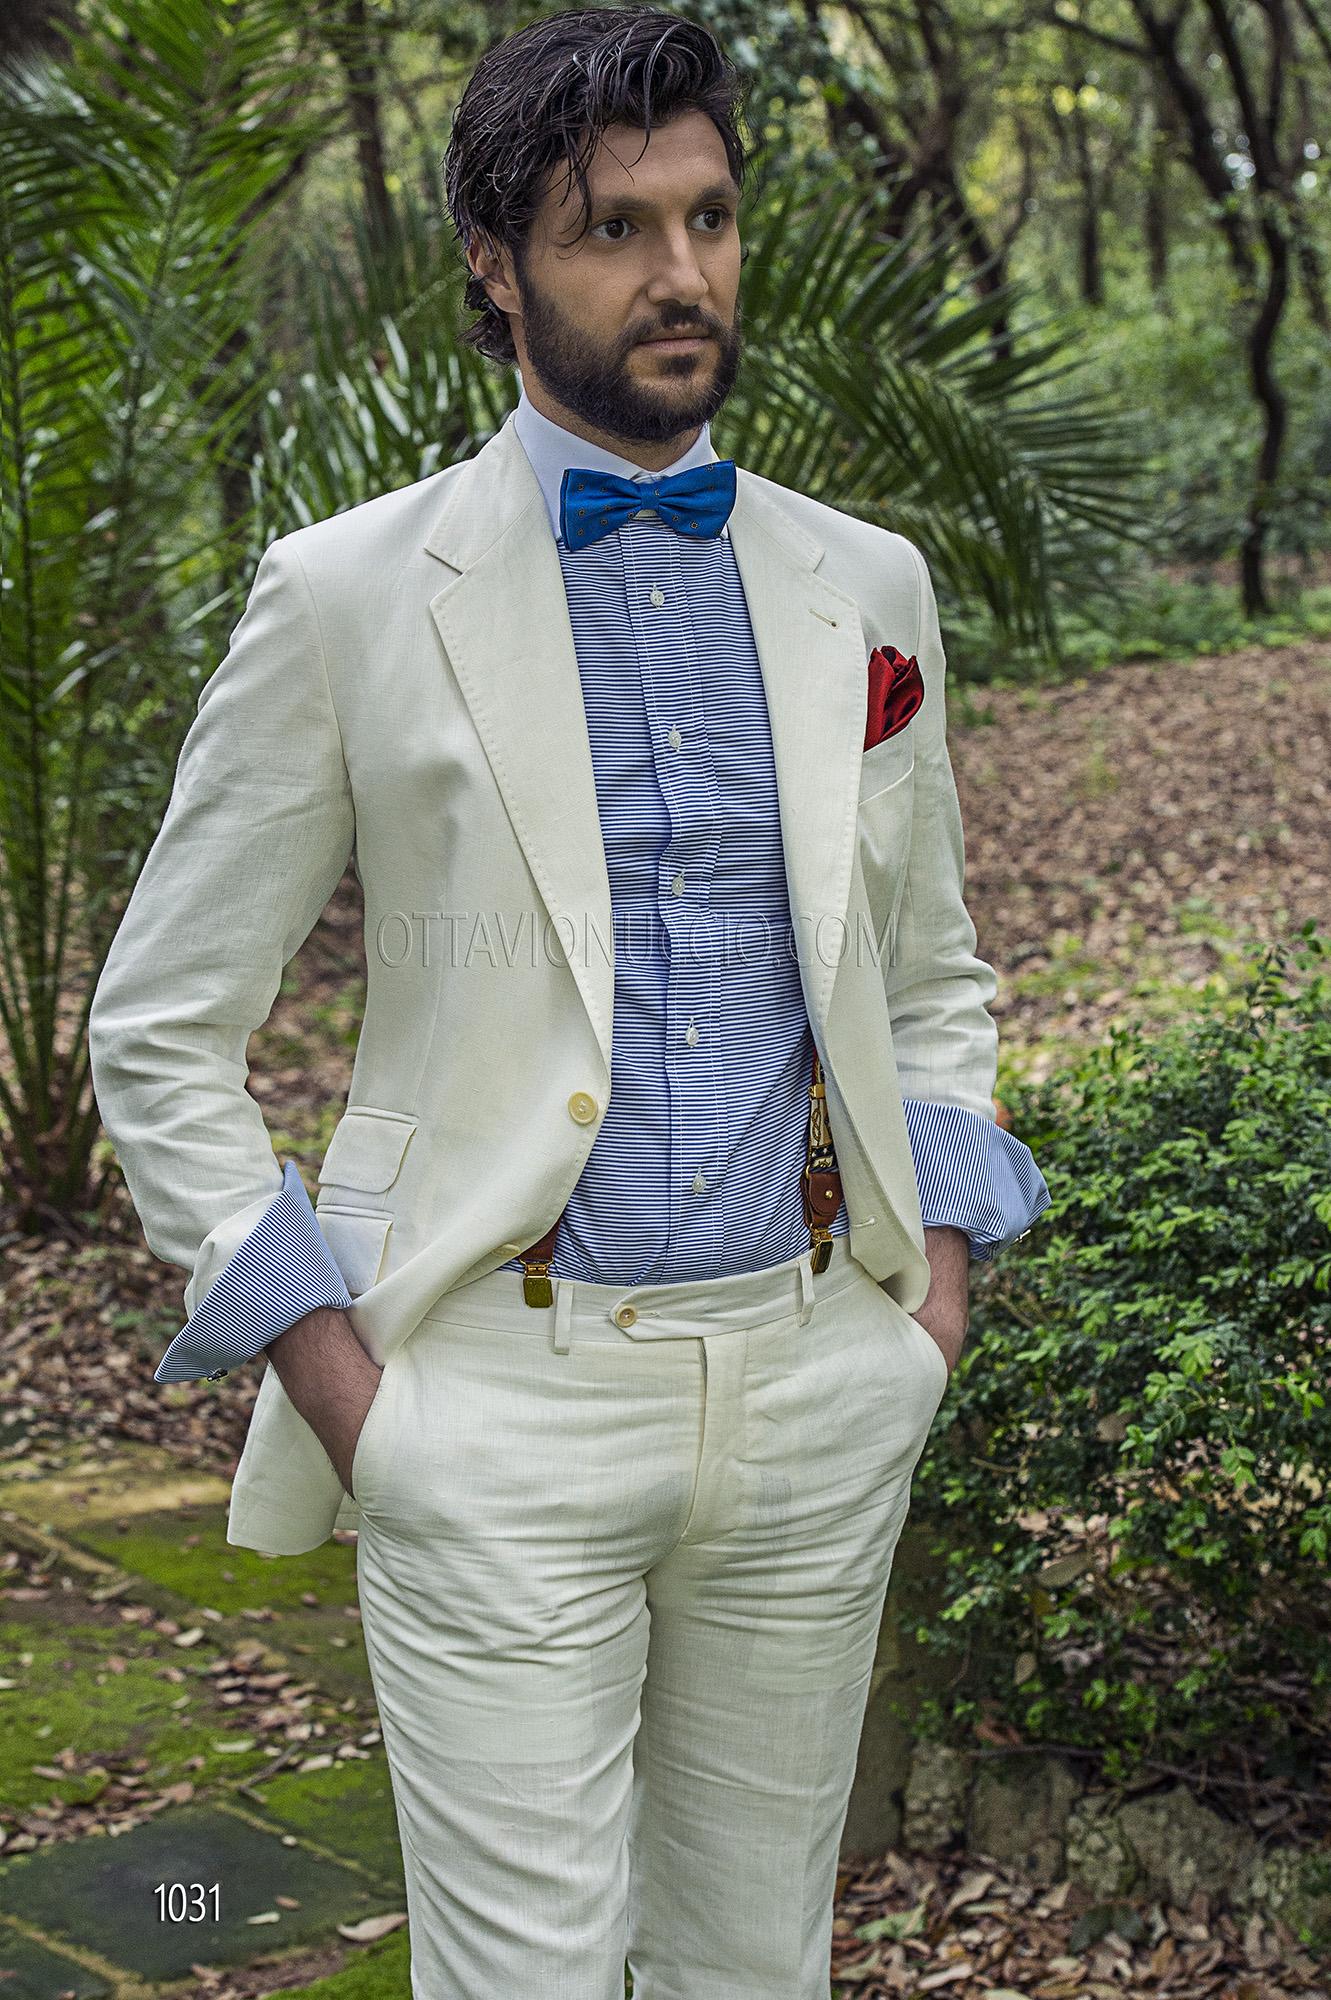 Abito Matrimonio Uomo Bianco : Abito sposo uomo in lino bianco